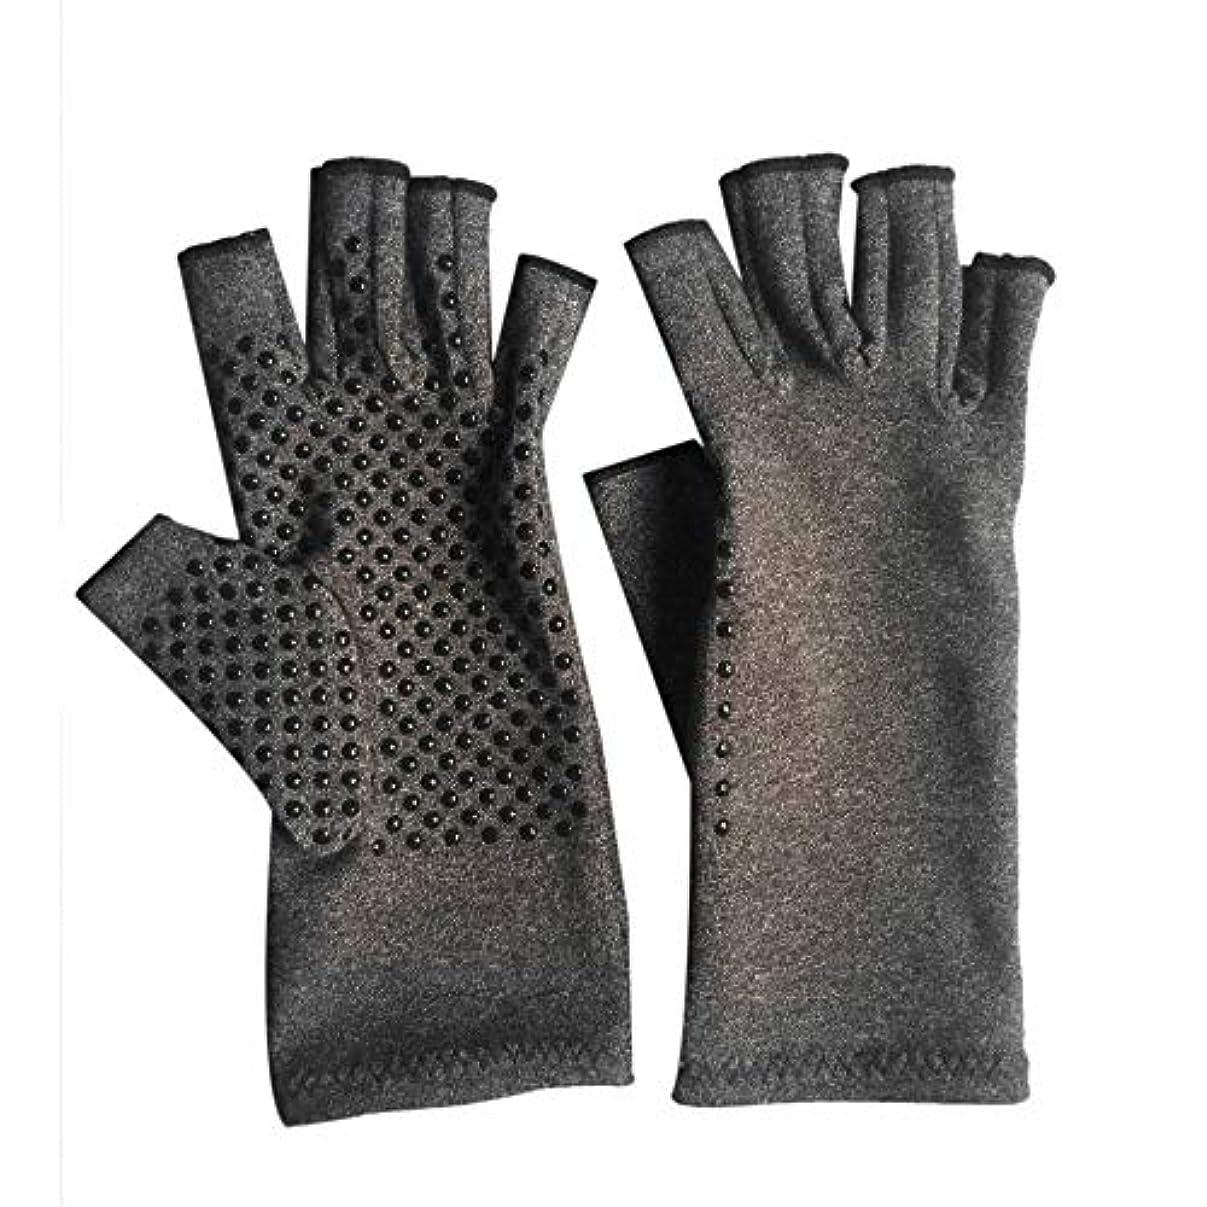 呼吸ナビゲーションマージン1ペアユニセックス男性女性療法圧縮手袋関節炎関節痛緩和ヘルスケア半指手袋トレーニング手袋 - グレーM